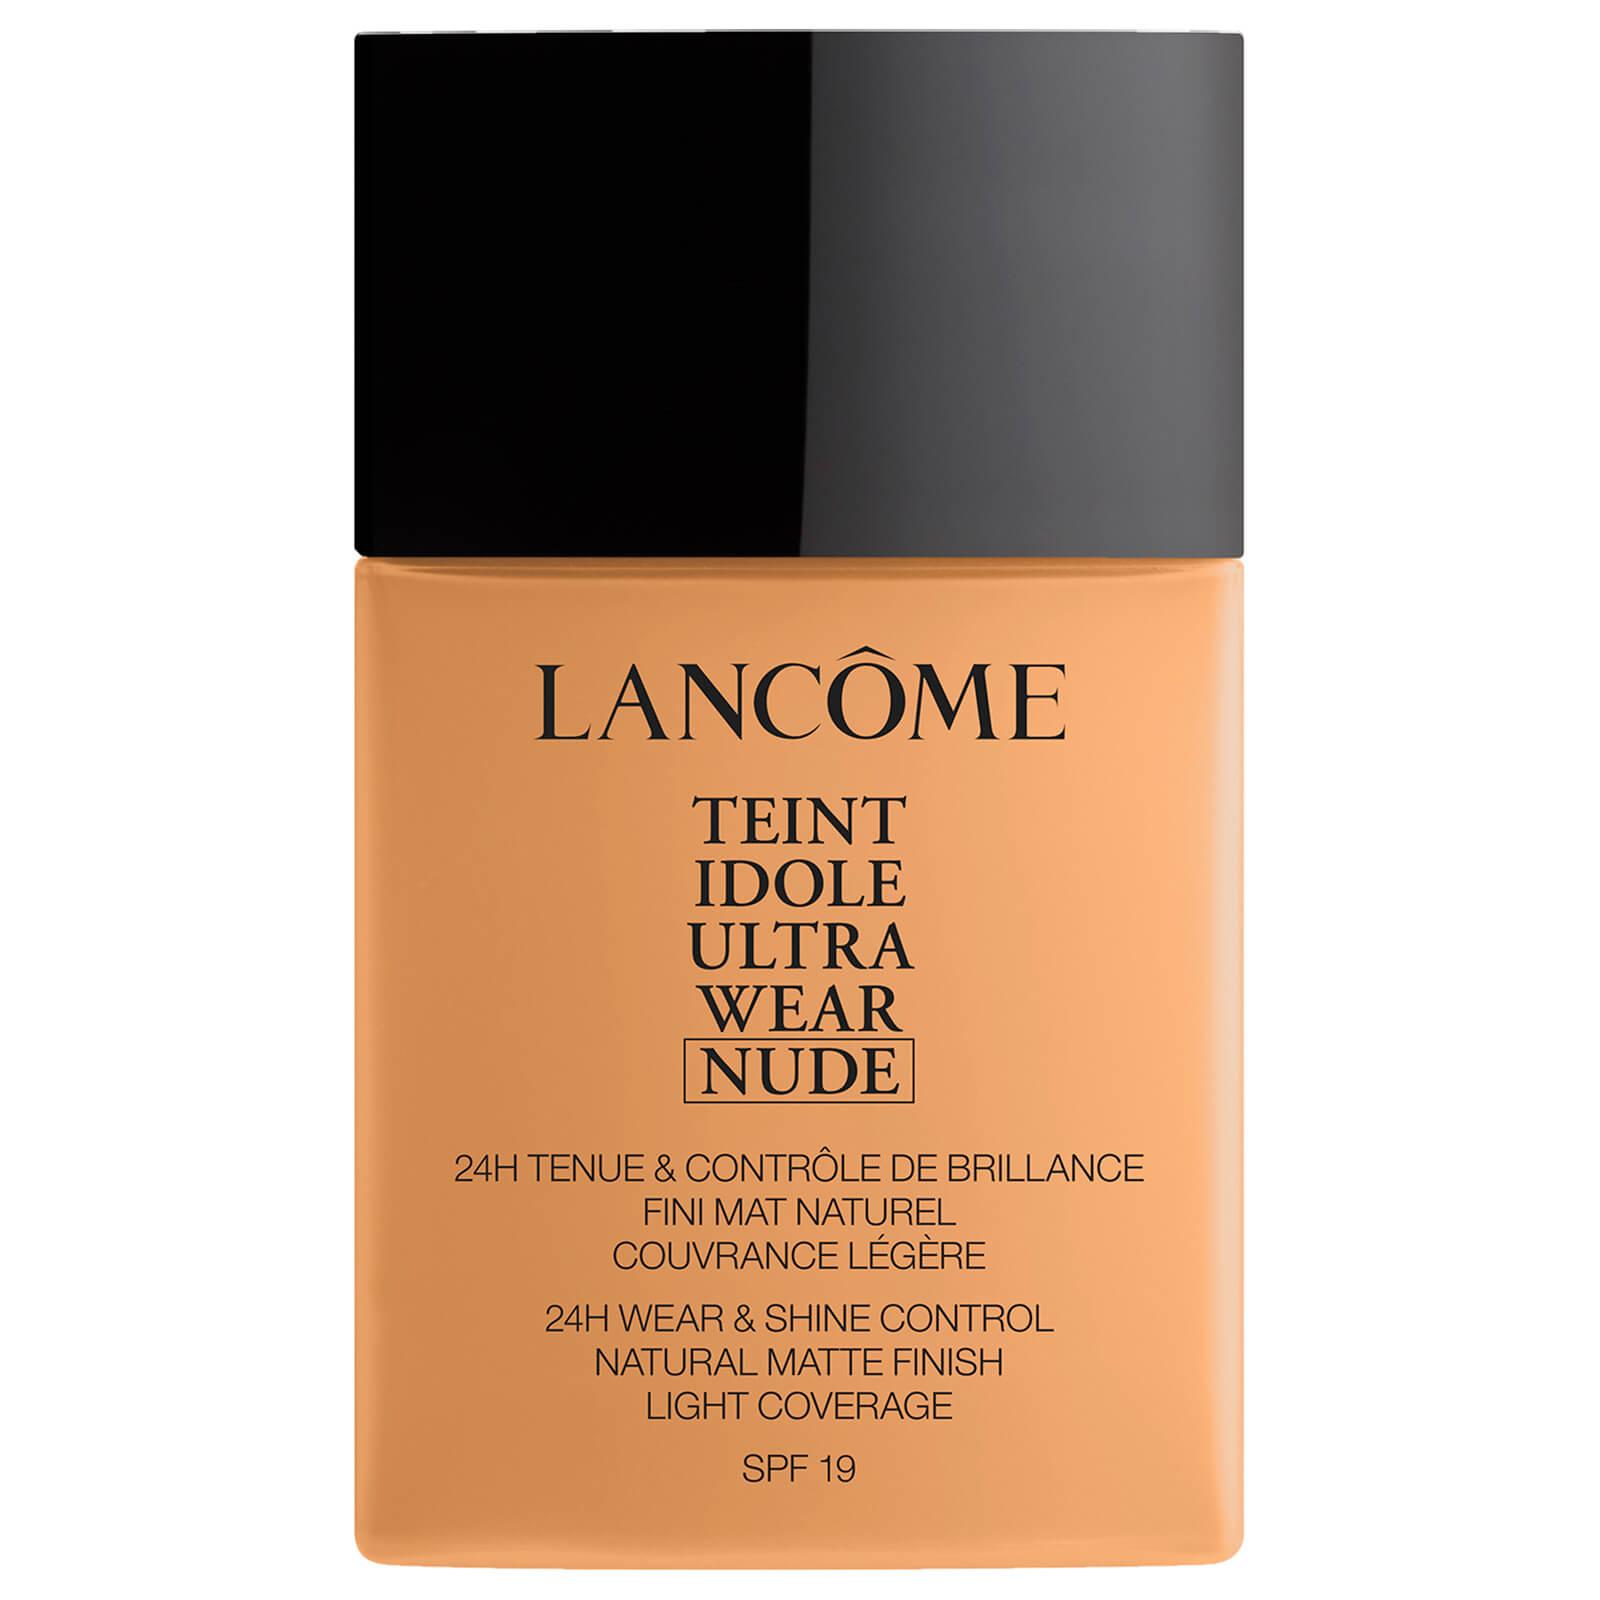 Lancôme Teint Idole Ultra Wear Nude Foundation 40ml (Various Shades) - 051 Châtaigne